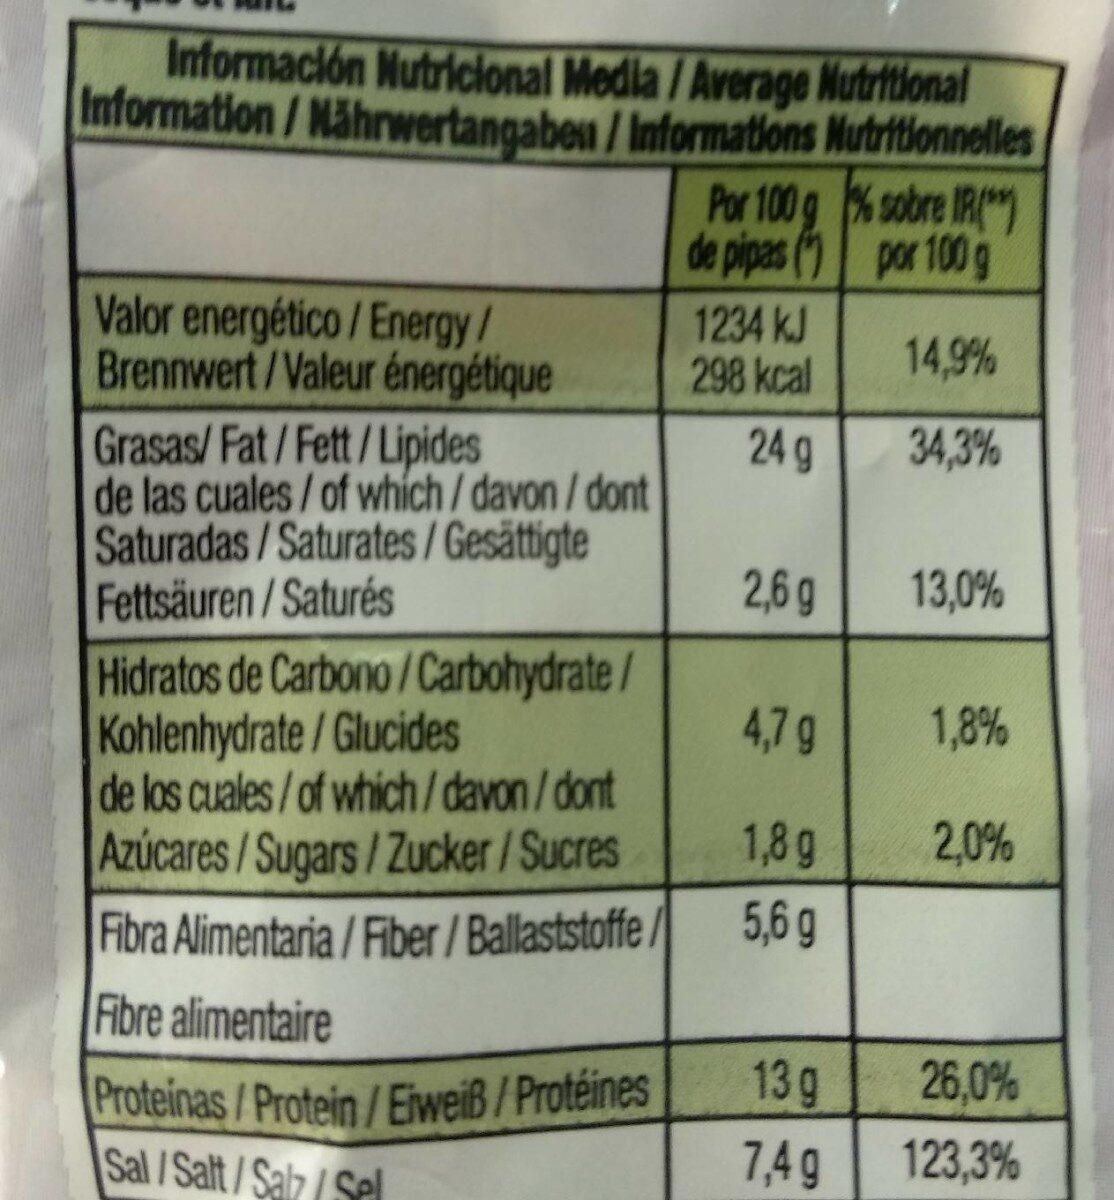 Pipas facundo a la sal rosa del himalaya - Nutrition facts